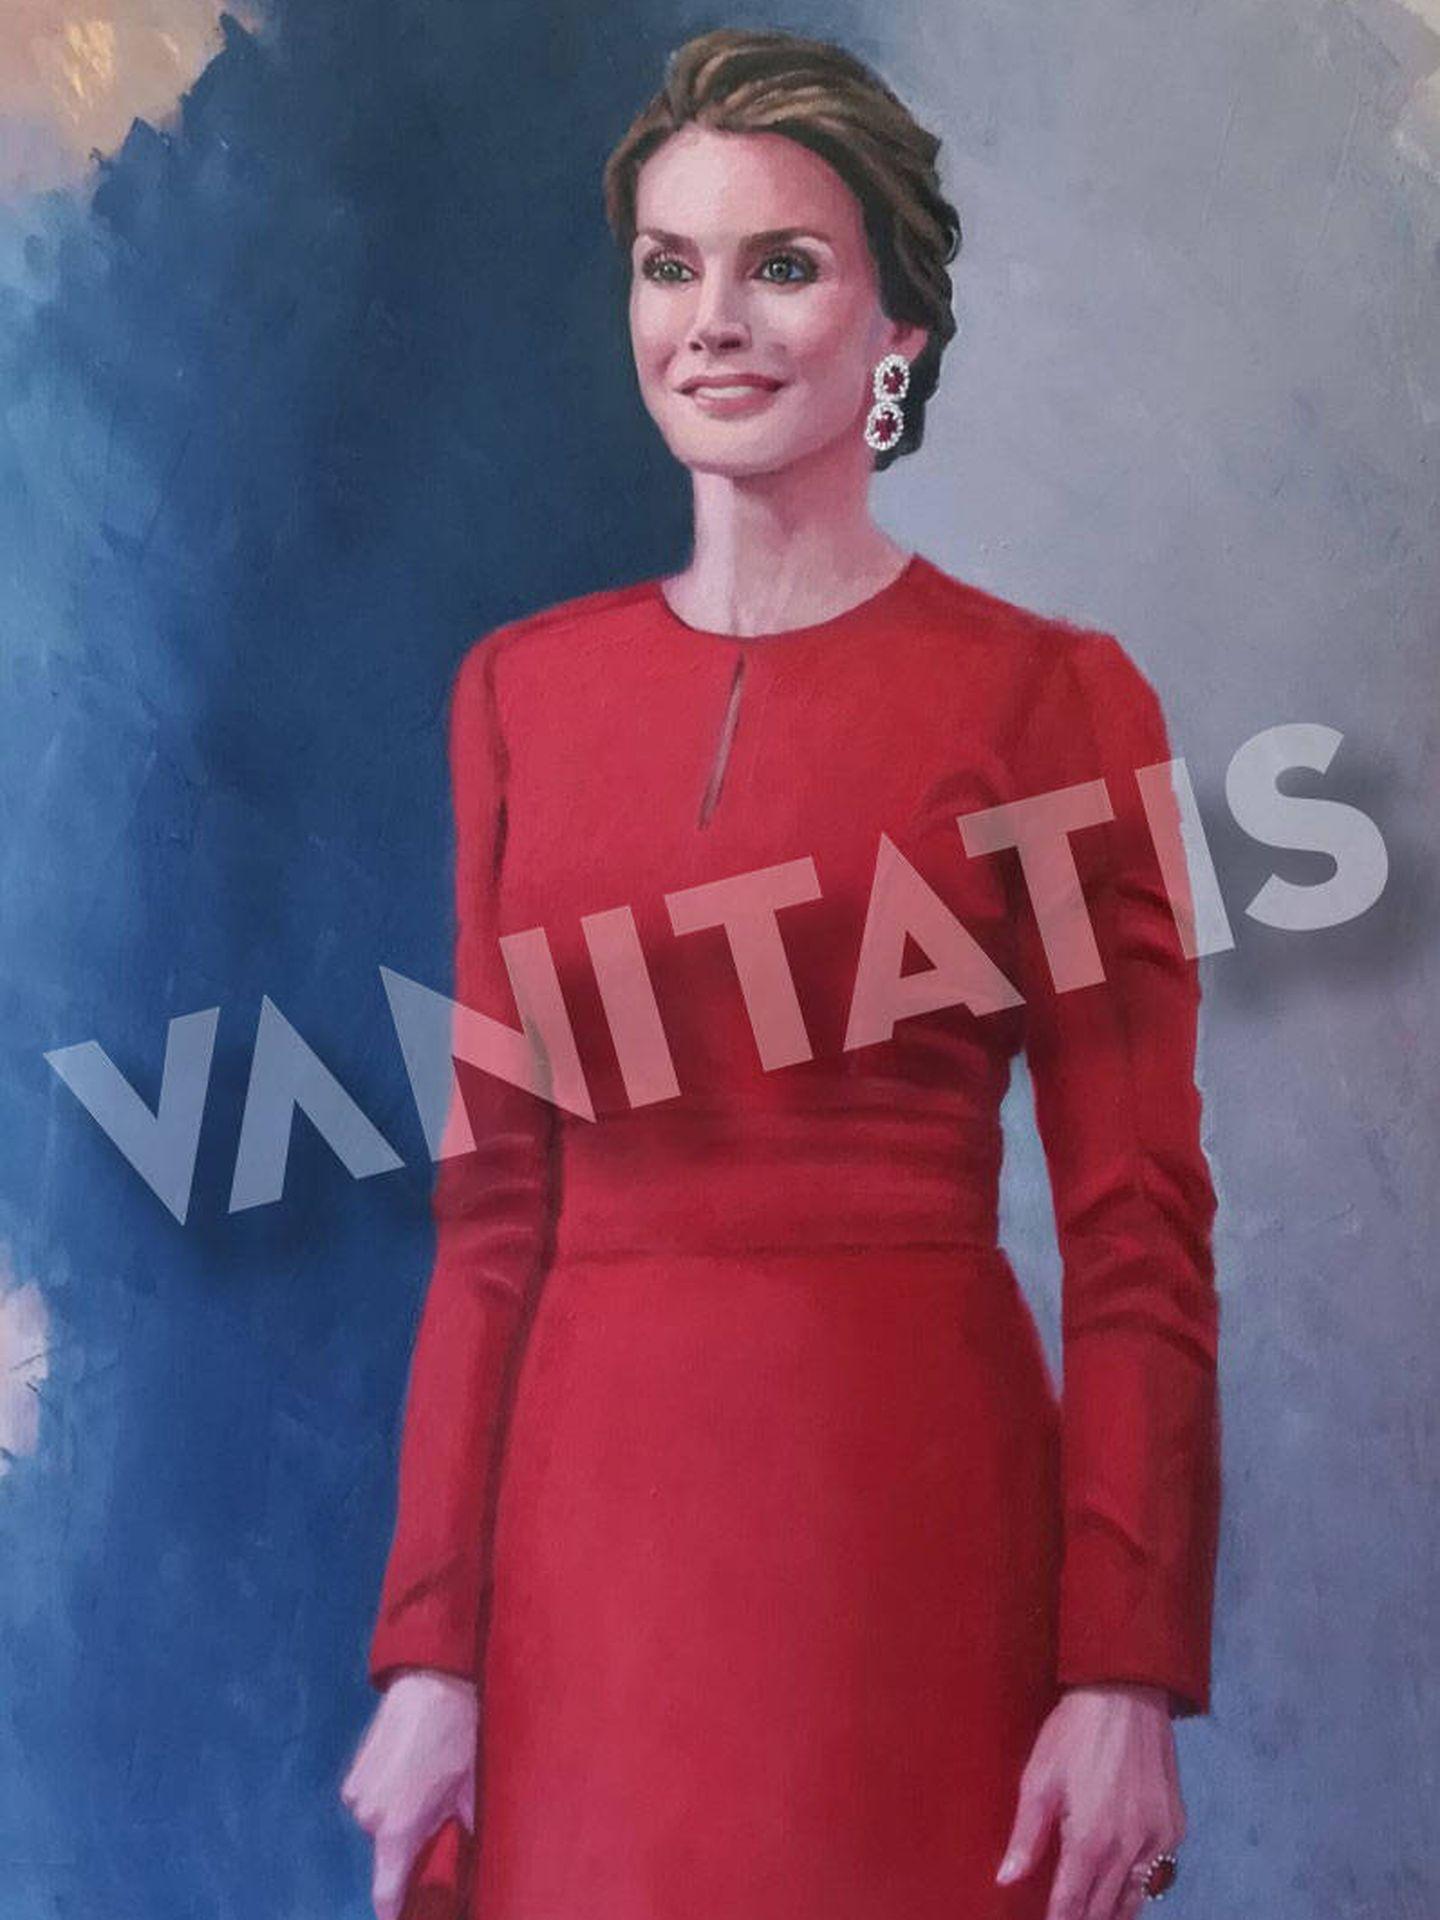 Retrato de la reina Letizia. (Imagen cedida por Marta de Arespacochaga. Prohibida su reproducción)